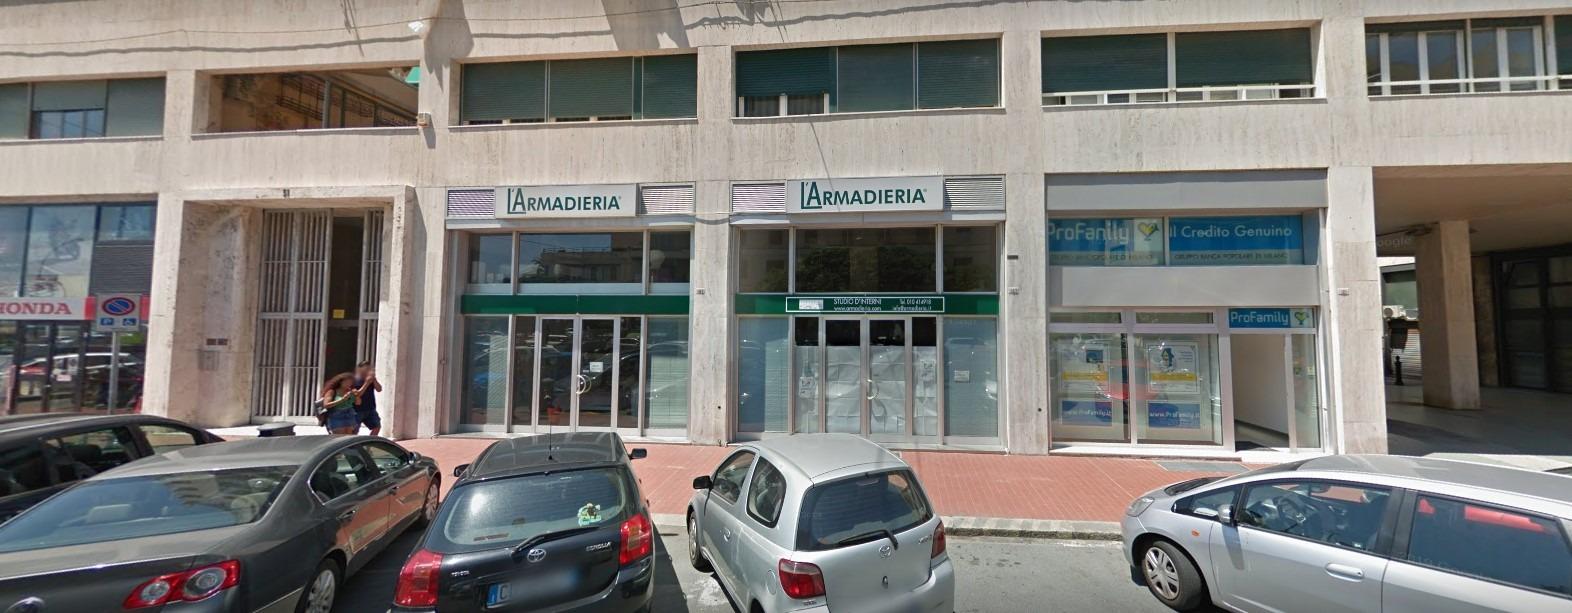 Punto vendita Scandola a Genova